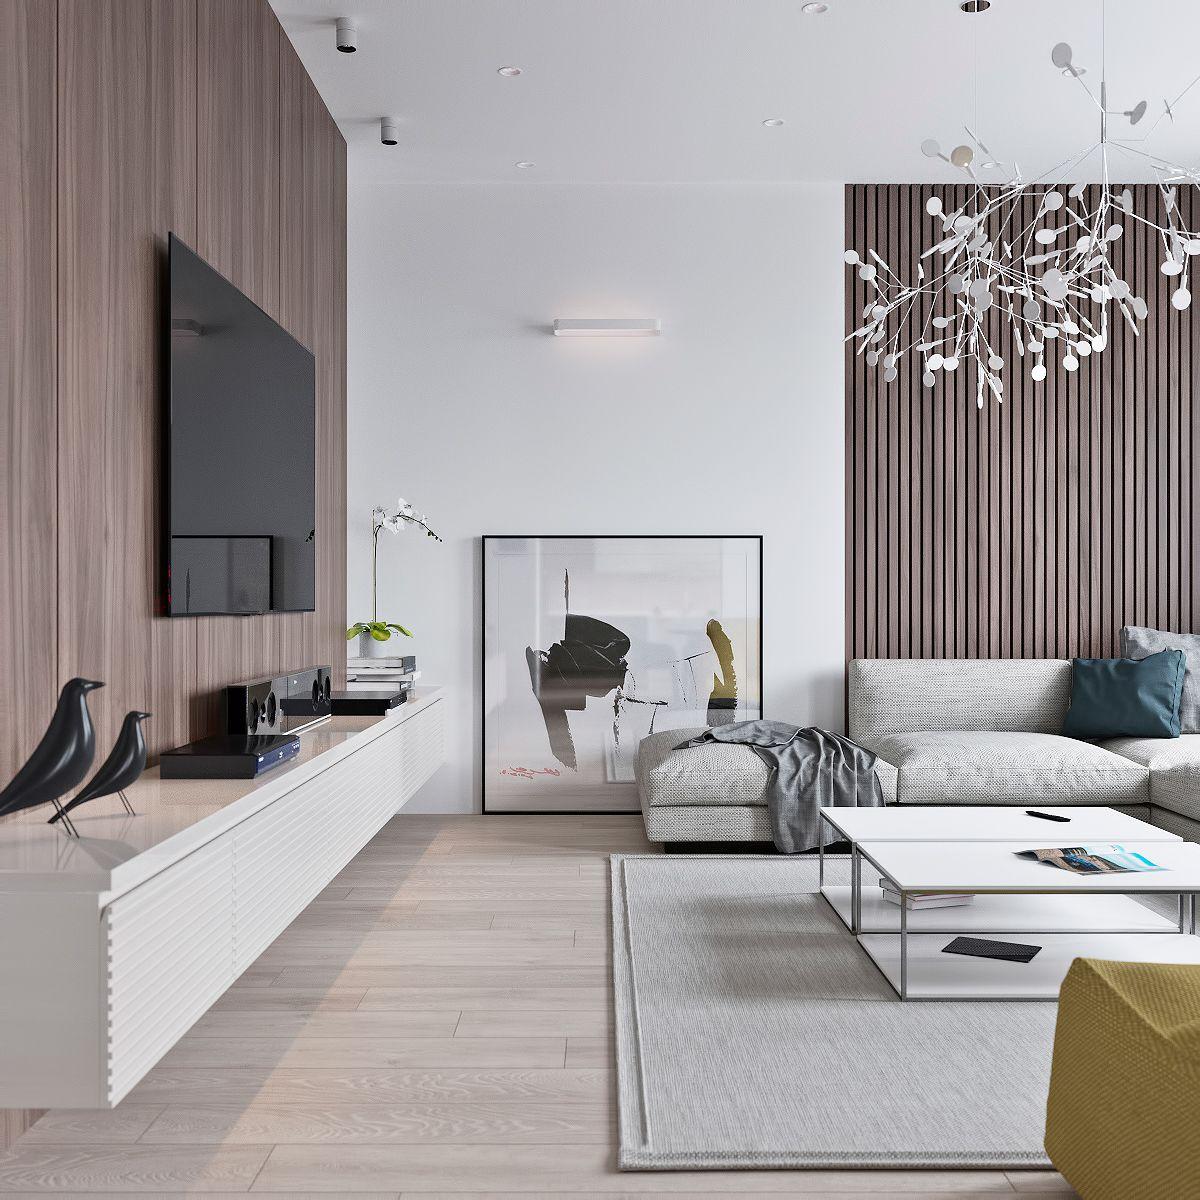 Living room for life on Behance | Fav | Pinterest | Behance, Living ...